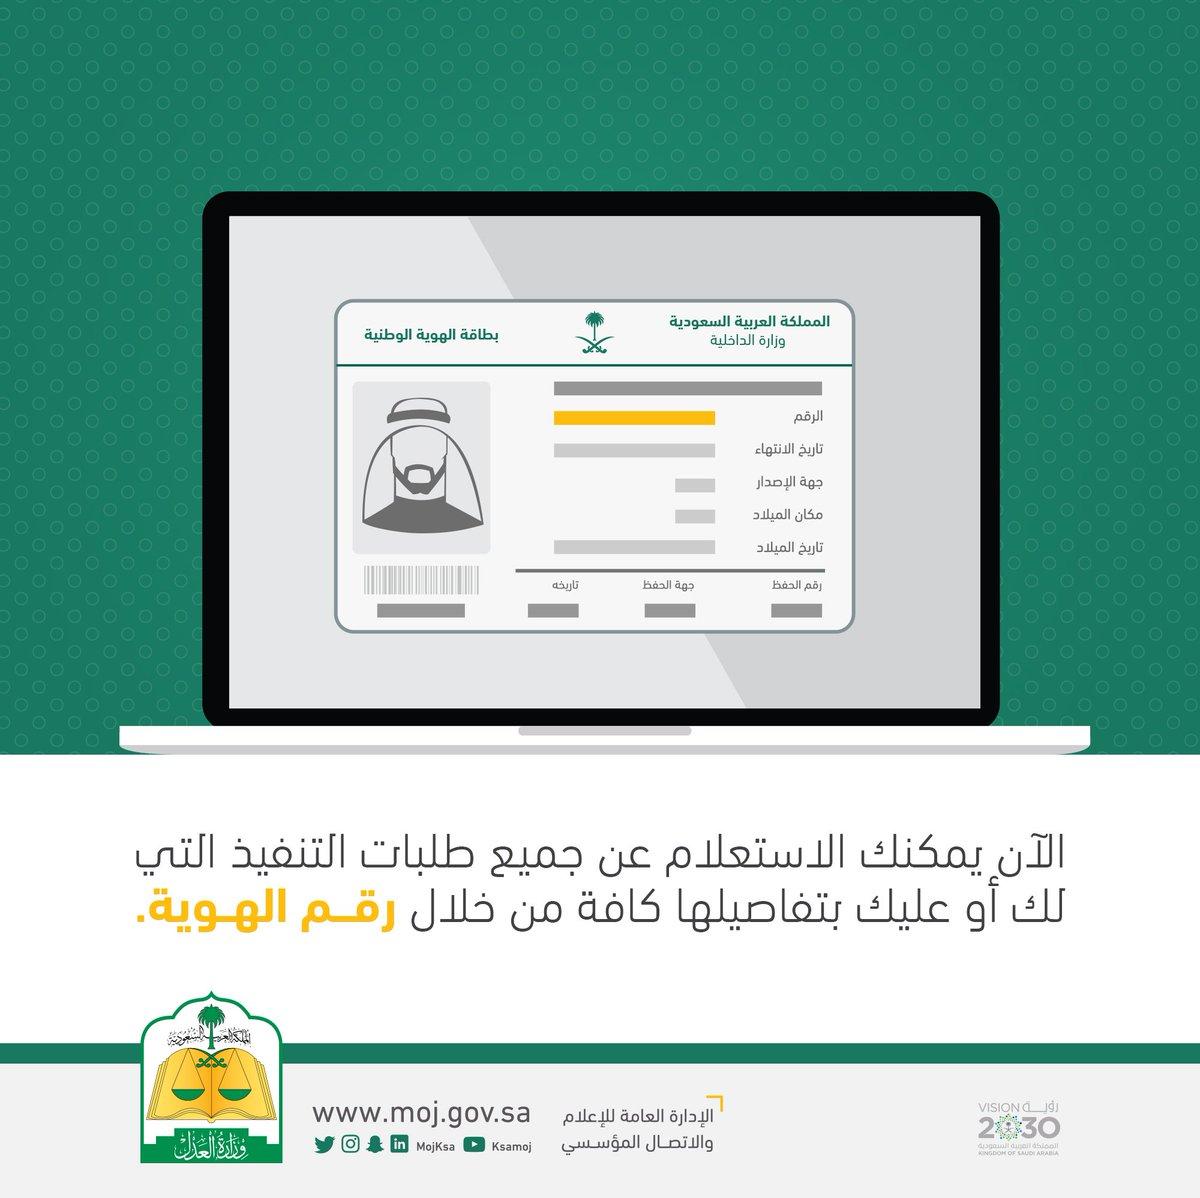 وزارة العدل On Twitter الآن يمكنك الاستعلام عن جميع طلبات